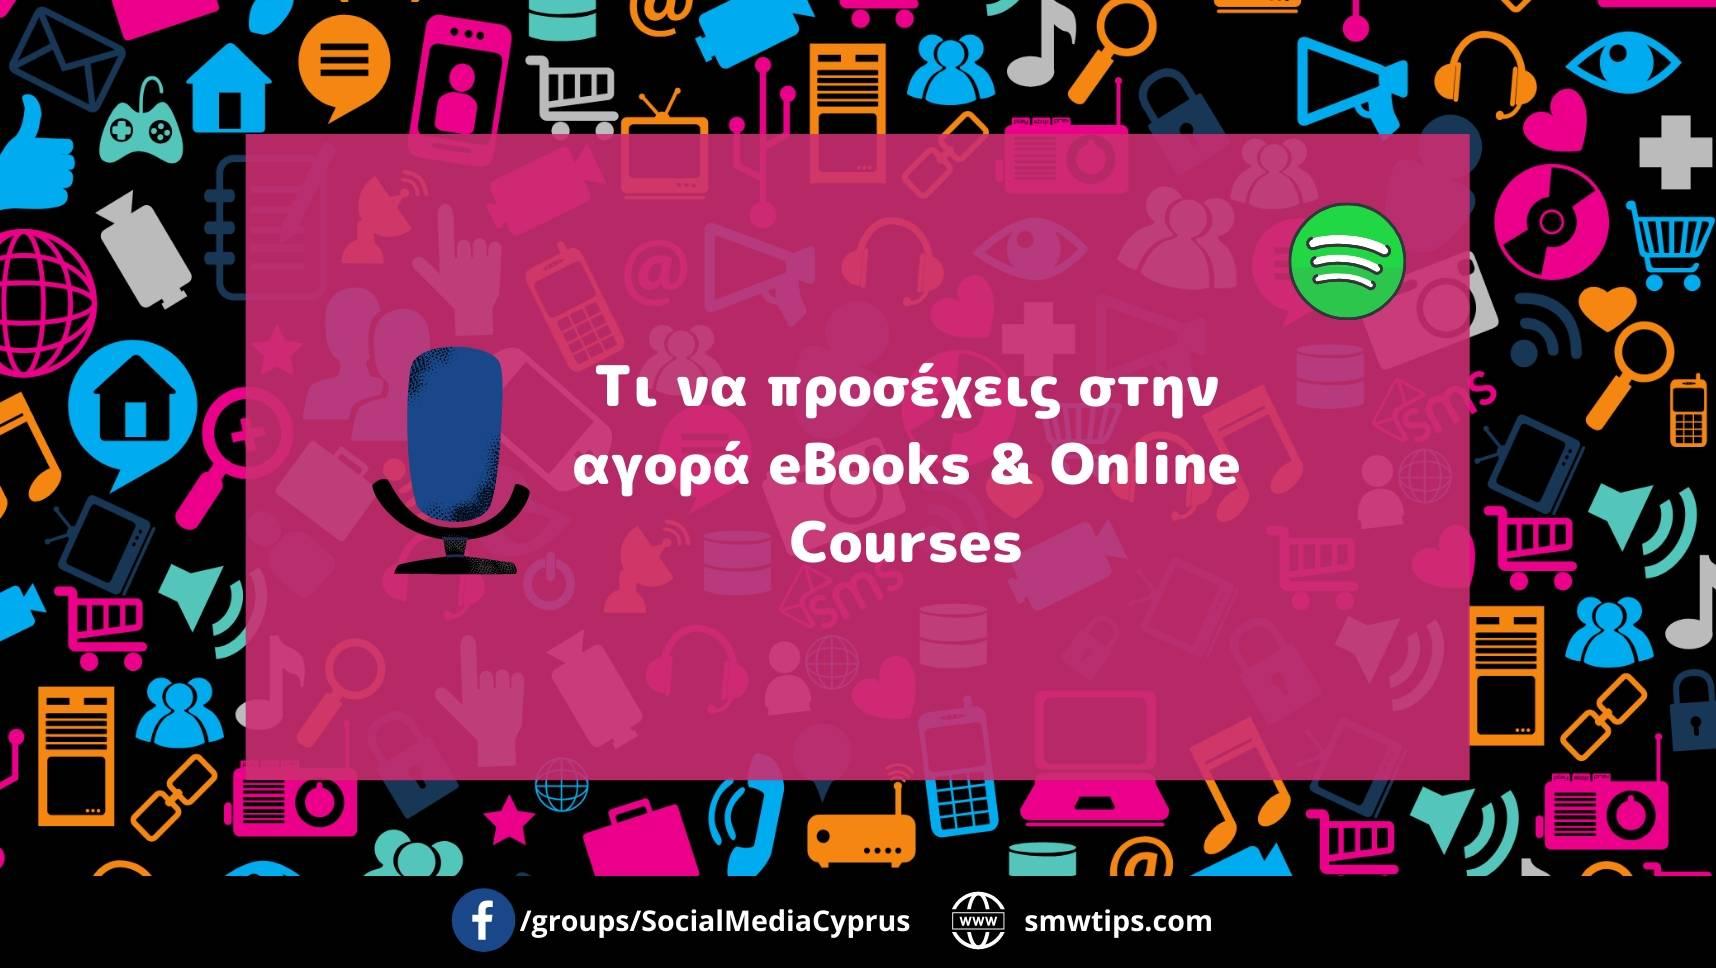 Τι να προσέχεις στην αγορά eBooks & Online Courses